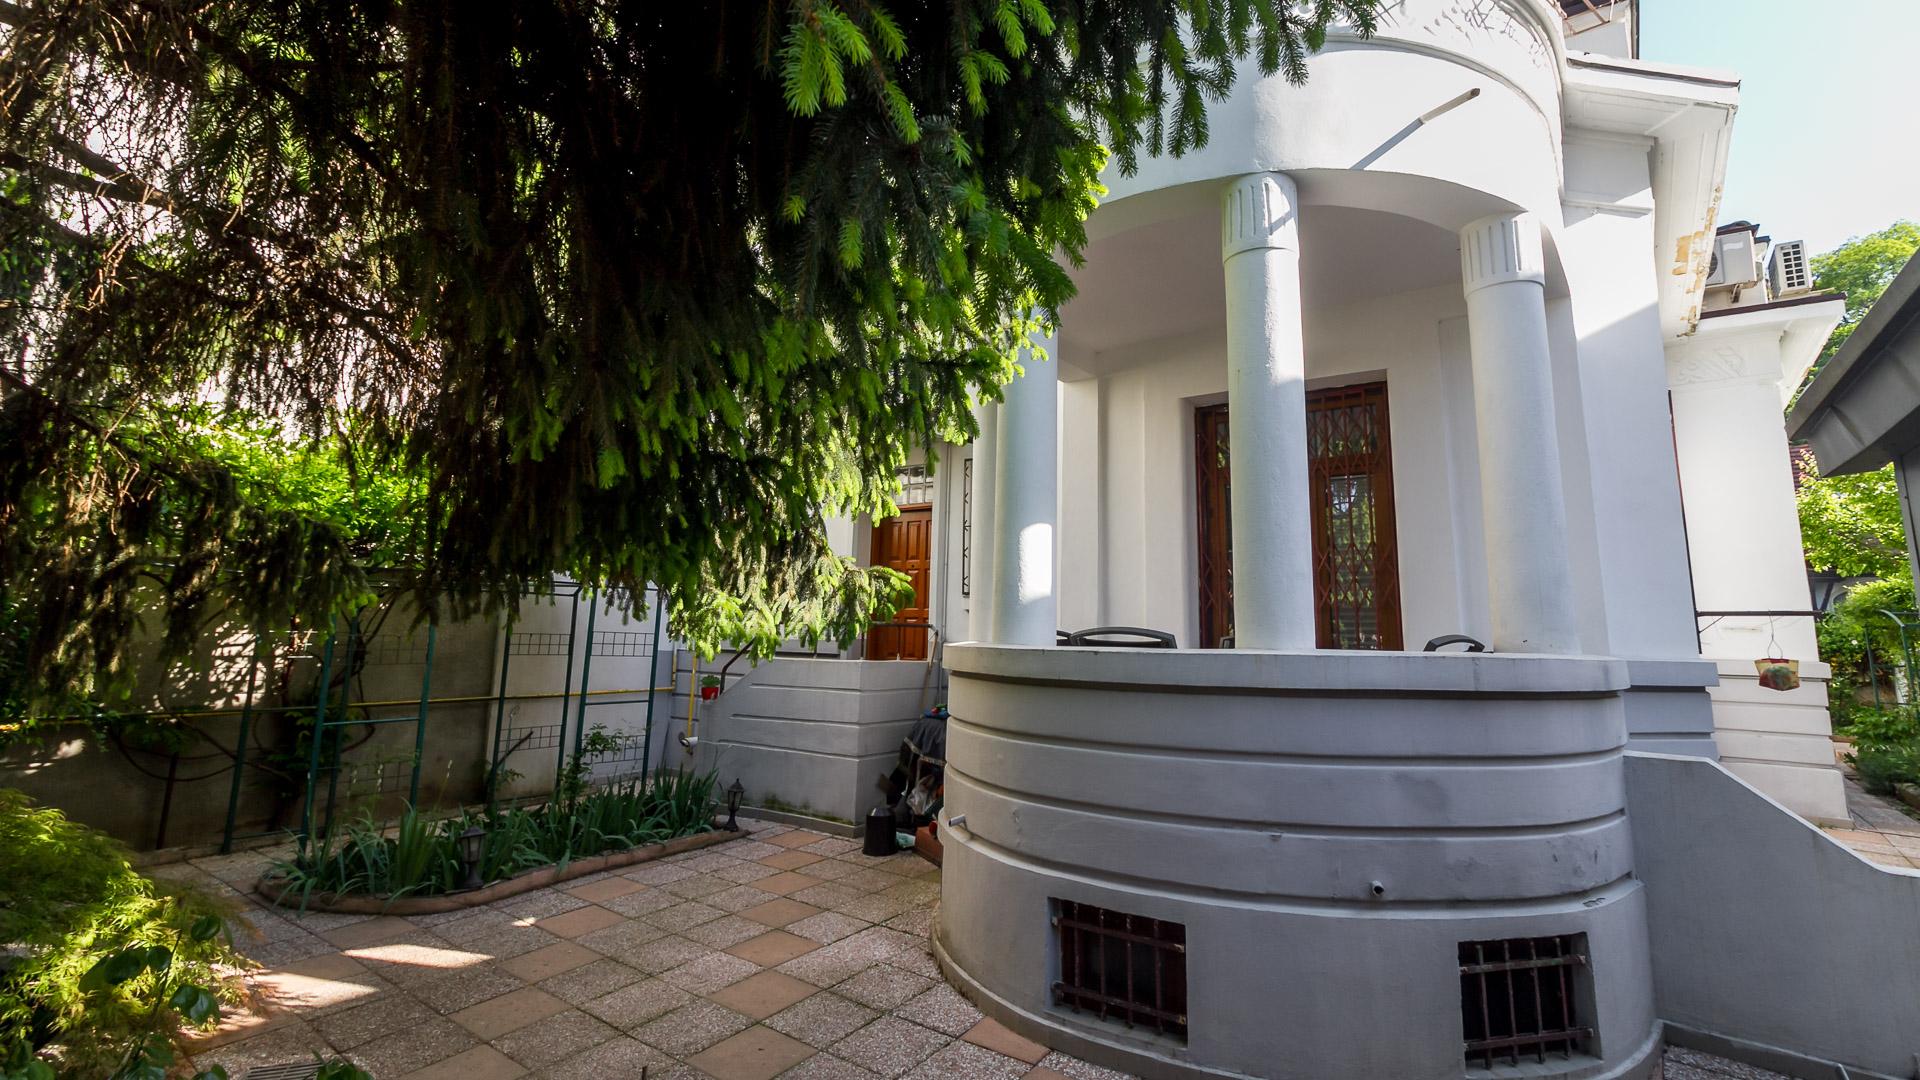 terasa-salon-dining-apartament-4-camere-parter-vila-metrou-parc-Tineretului